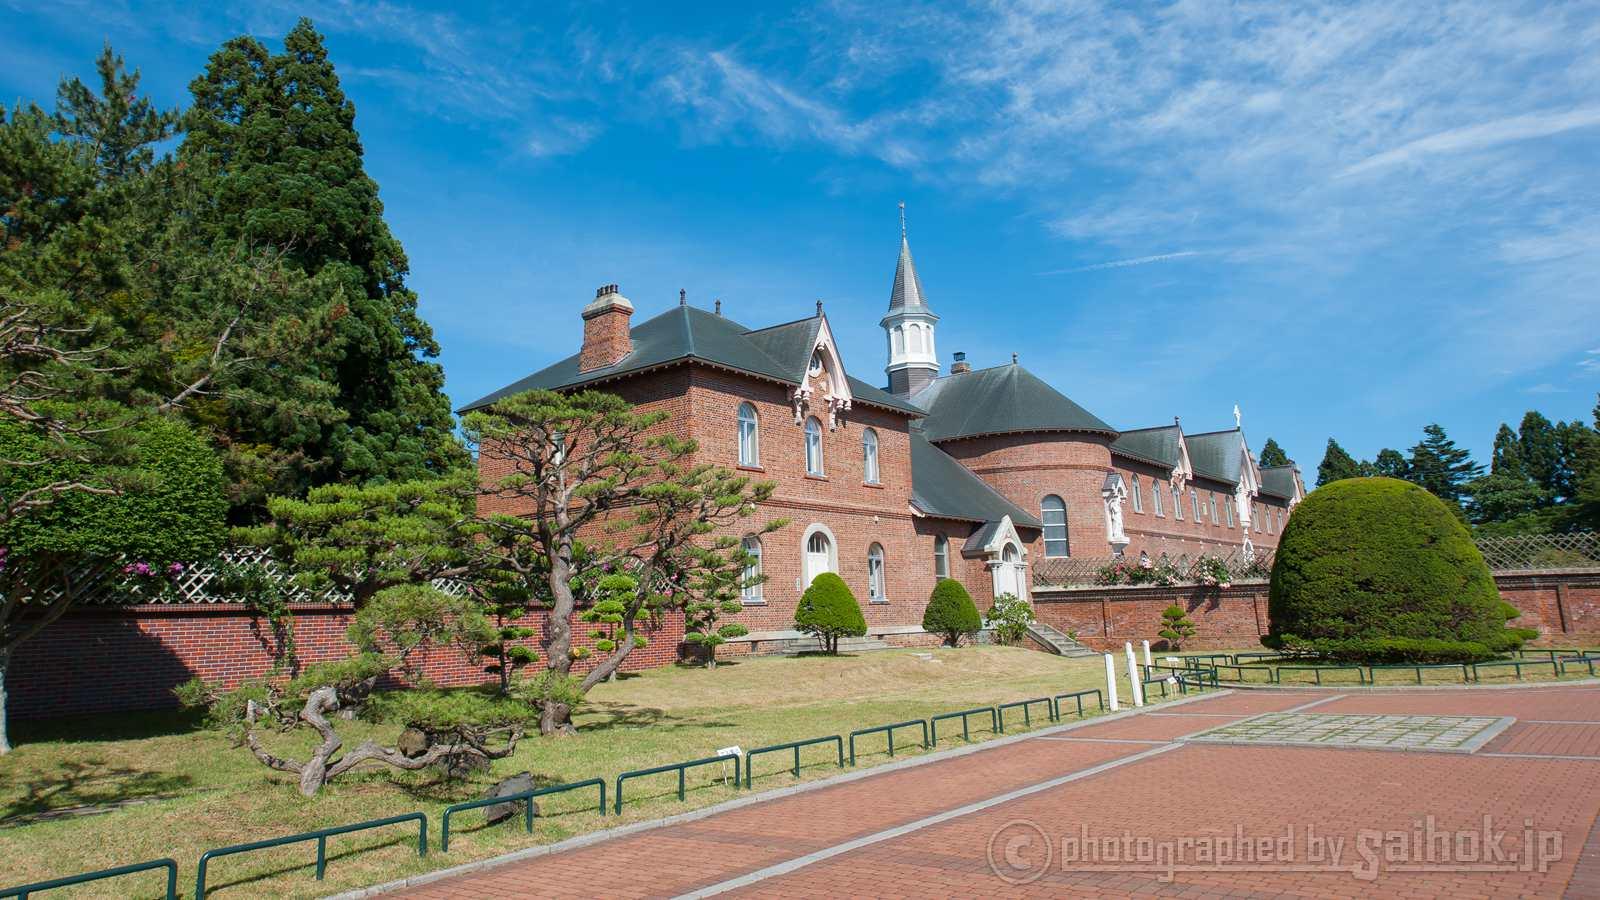 函館の美しい観光名所、トラピスチヌ修道院